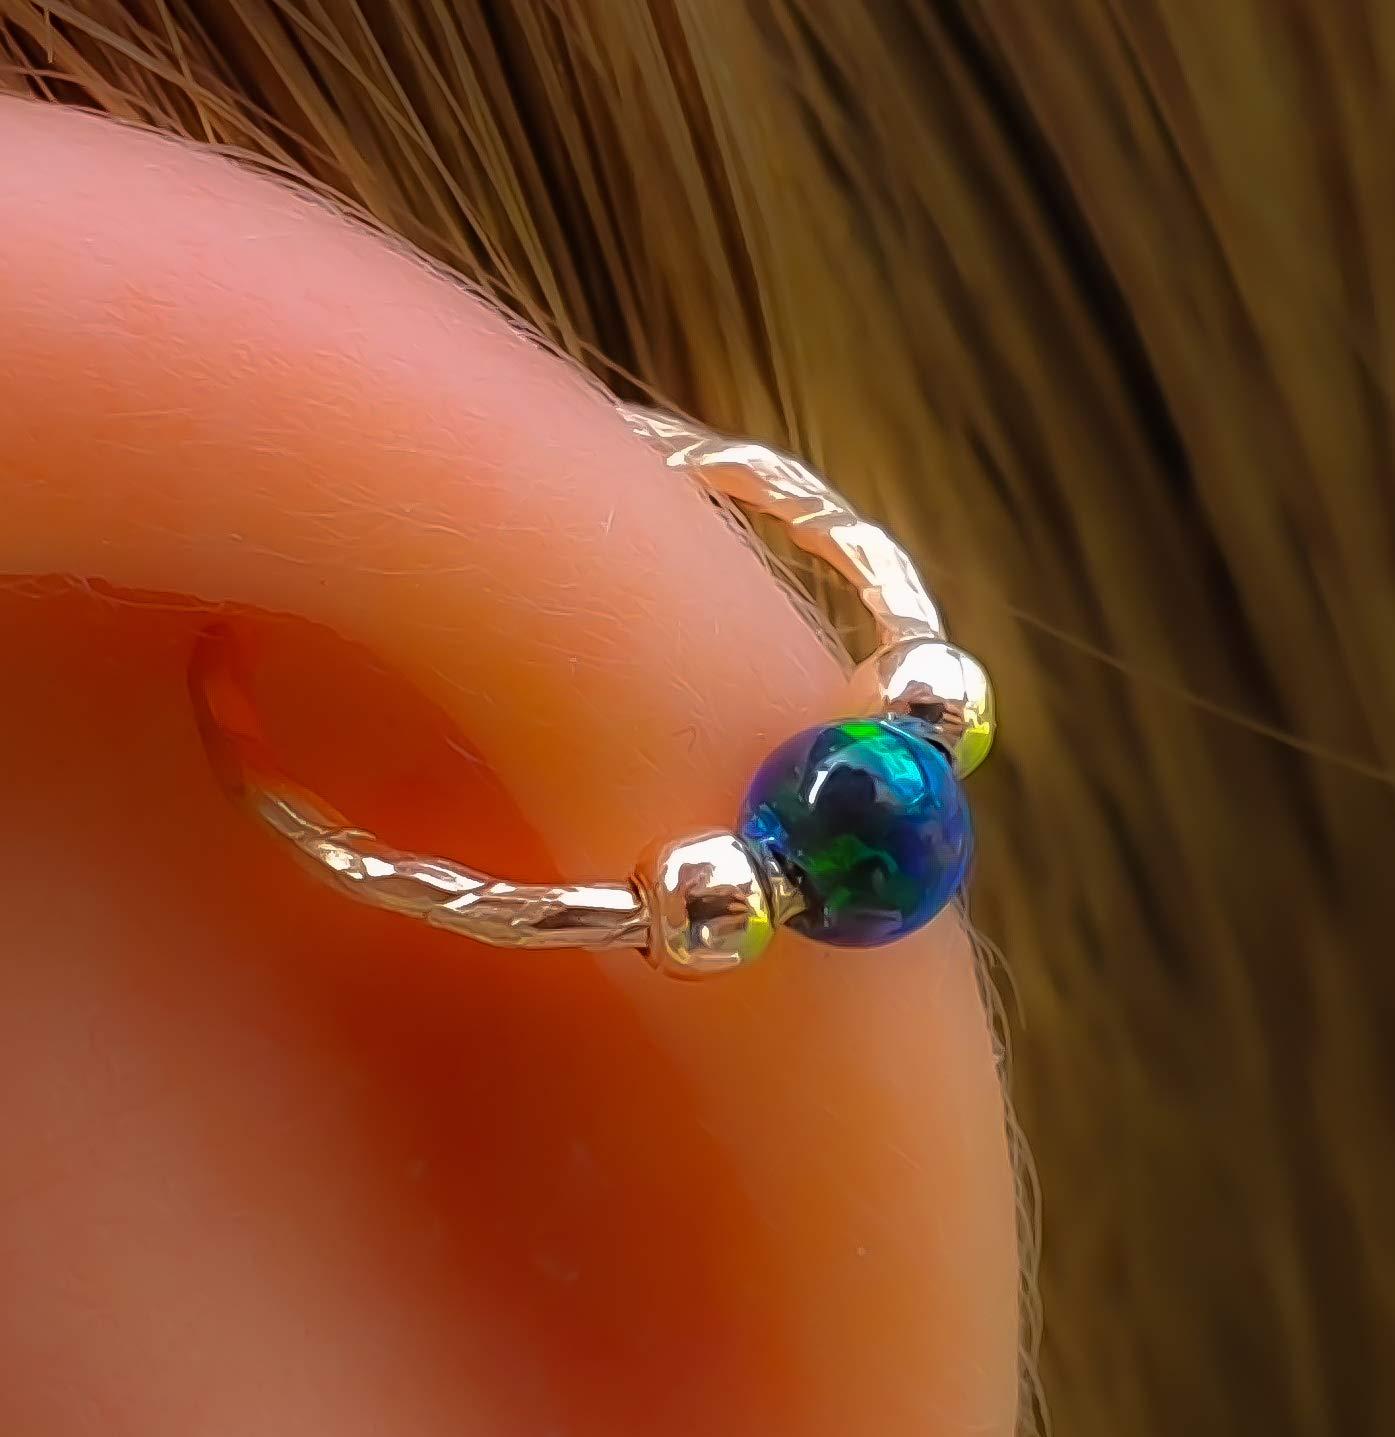 20 Gauge 14k Gold Filled Cartilage Earrings ring,Opal Helix/piercing Hoops Helix Jewelry Opal Cartilage Earring Hoop